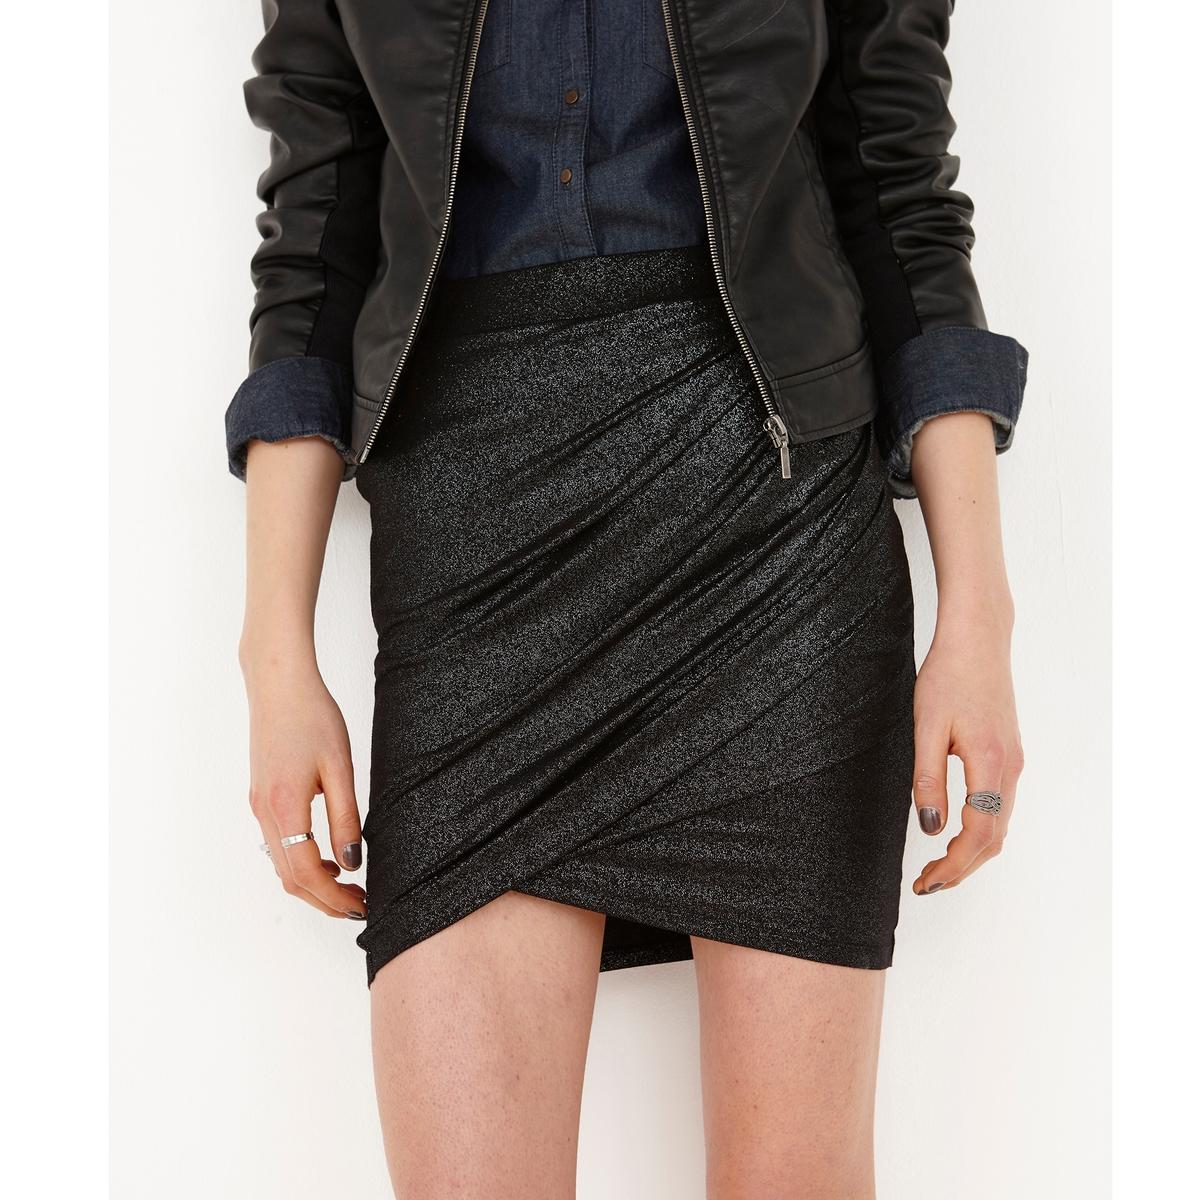 Юбка с драпировкой и блескомДрапированная юбка из ткани с блестящим эффектом, 95% вискозы, 5% эластана. Драпировка спереди. Эластичный пояс. Длина 41 см.<br><br>Цвет: черный<br>Размер: 46/48 (FR) - 52/54 (RUS)